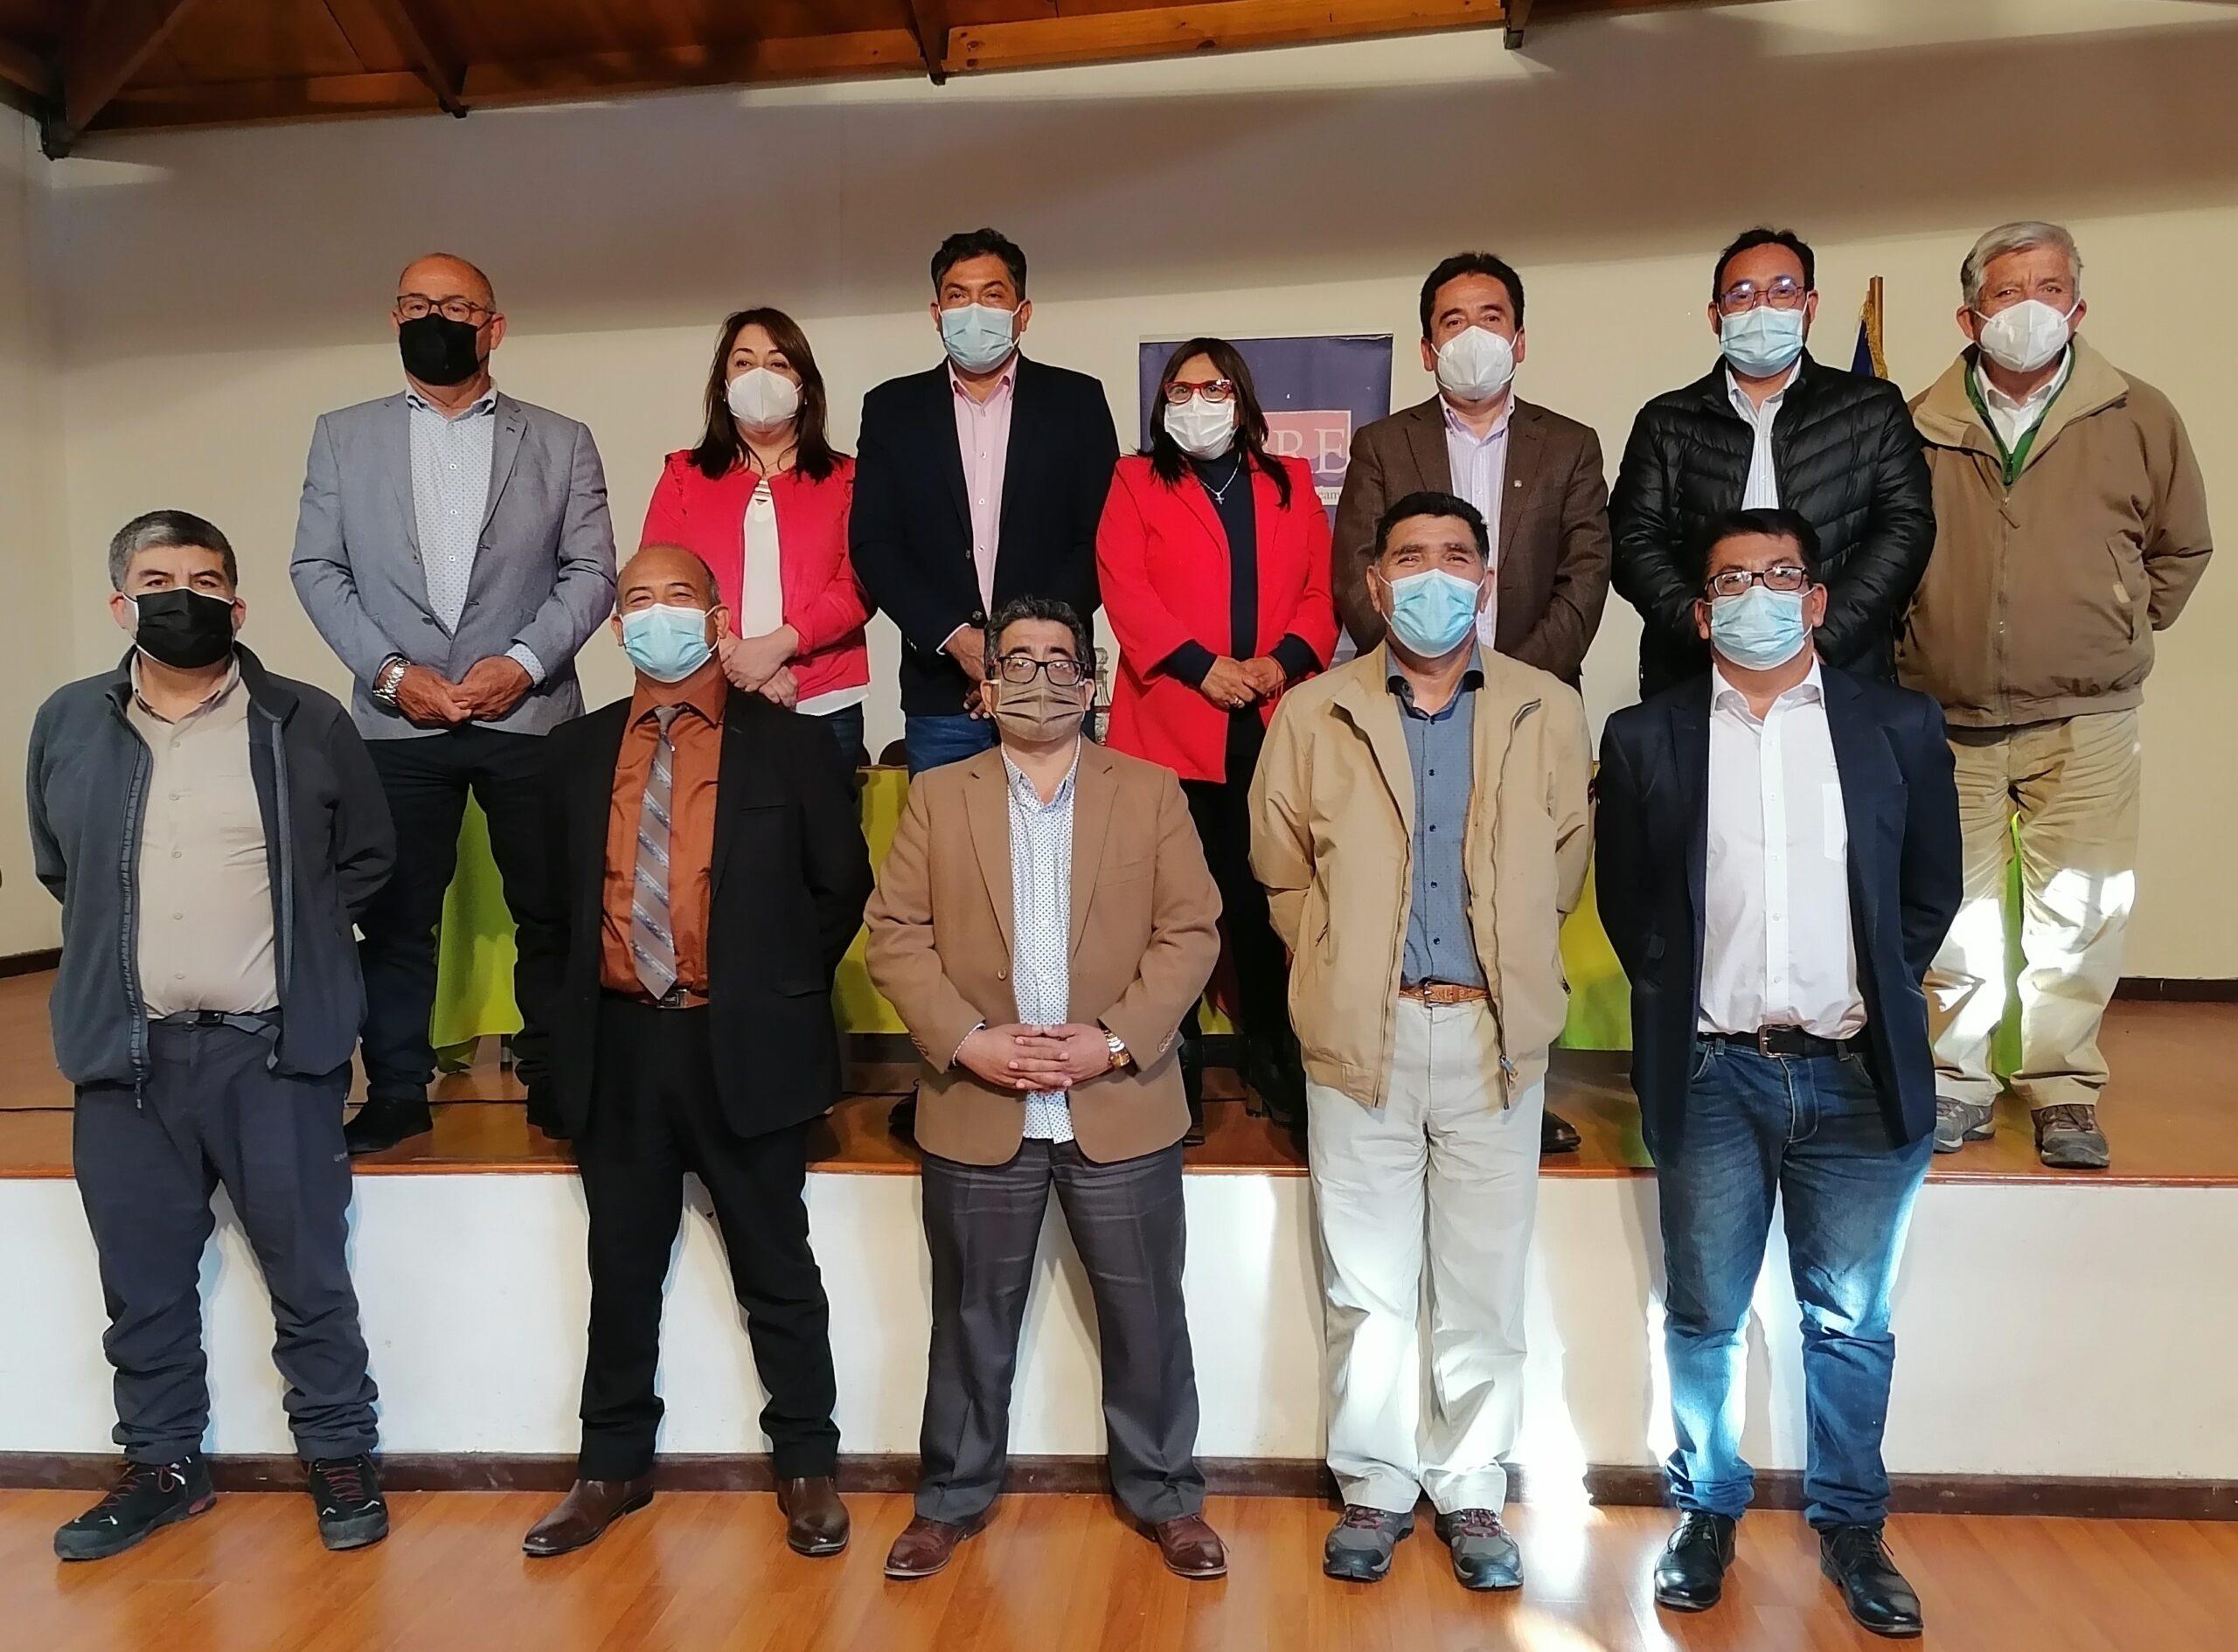 Gobernador y CORES acuerdan instaurar el Consejo Regional Constituyente de Atacama